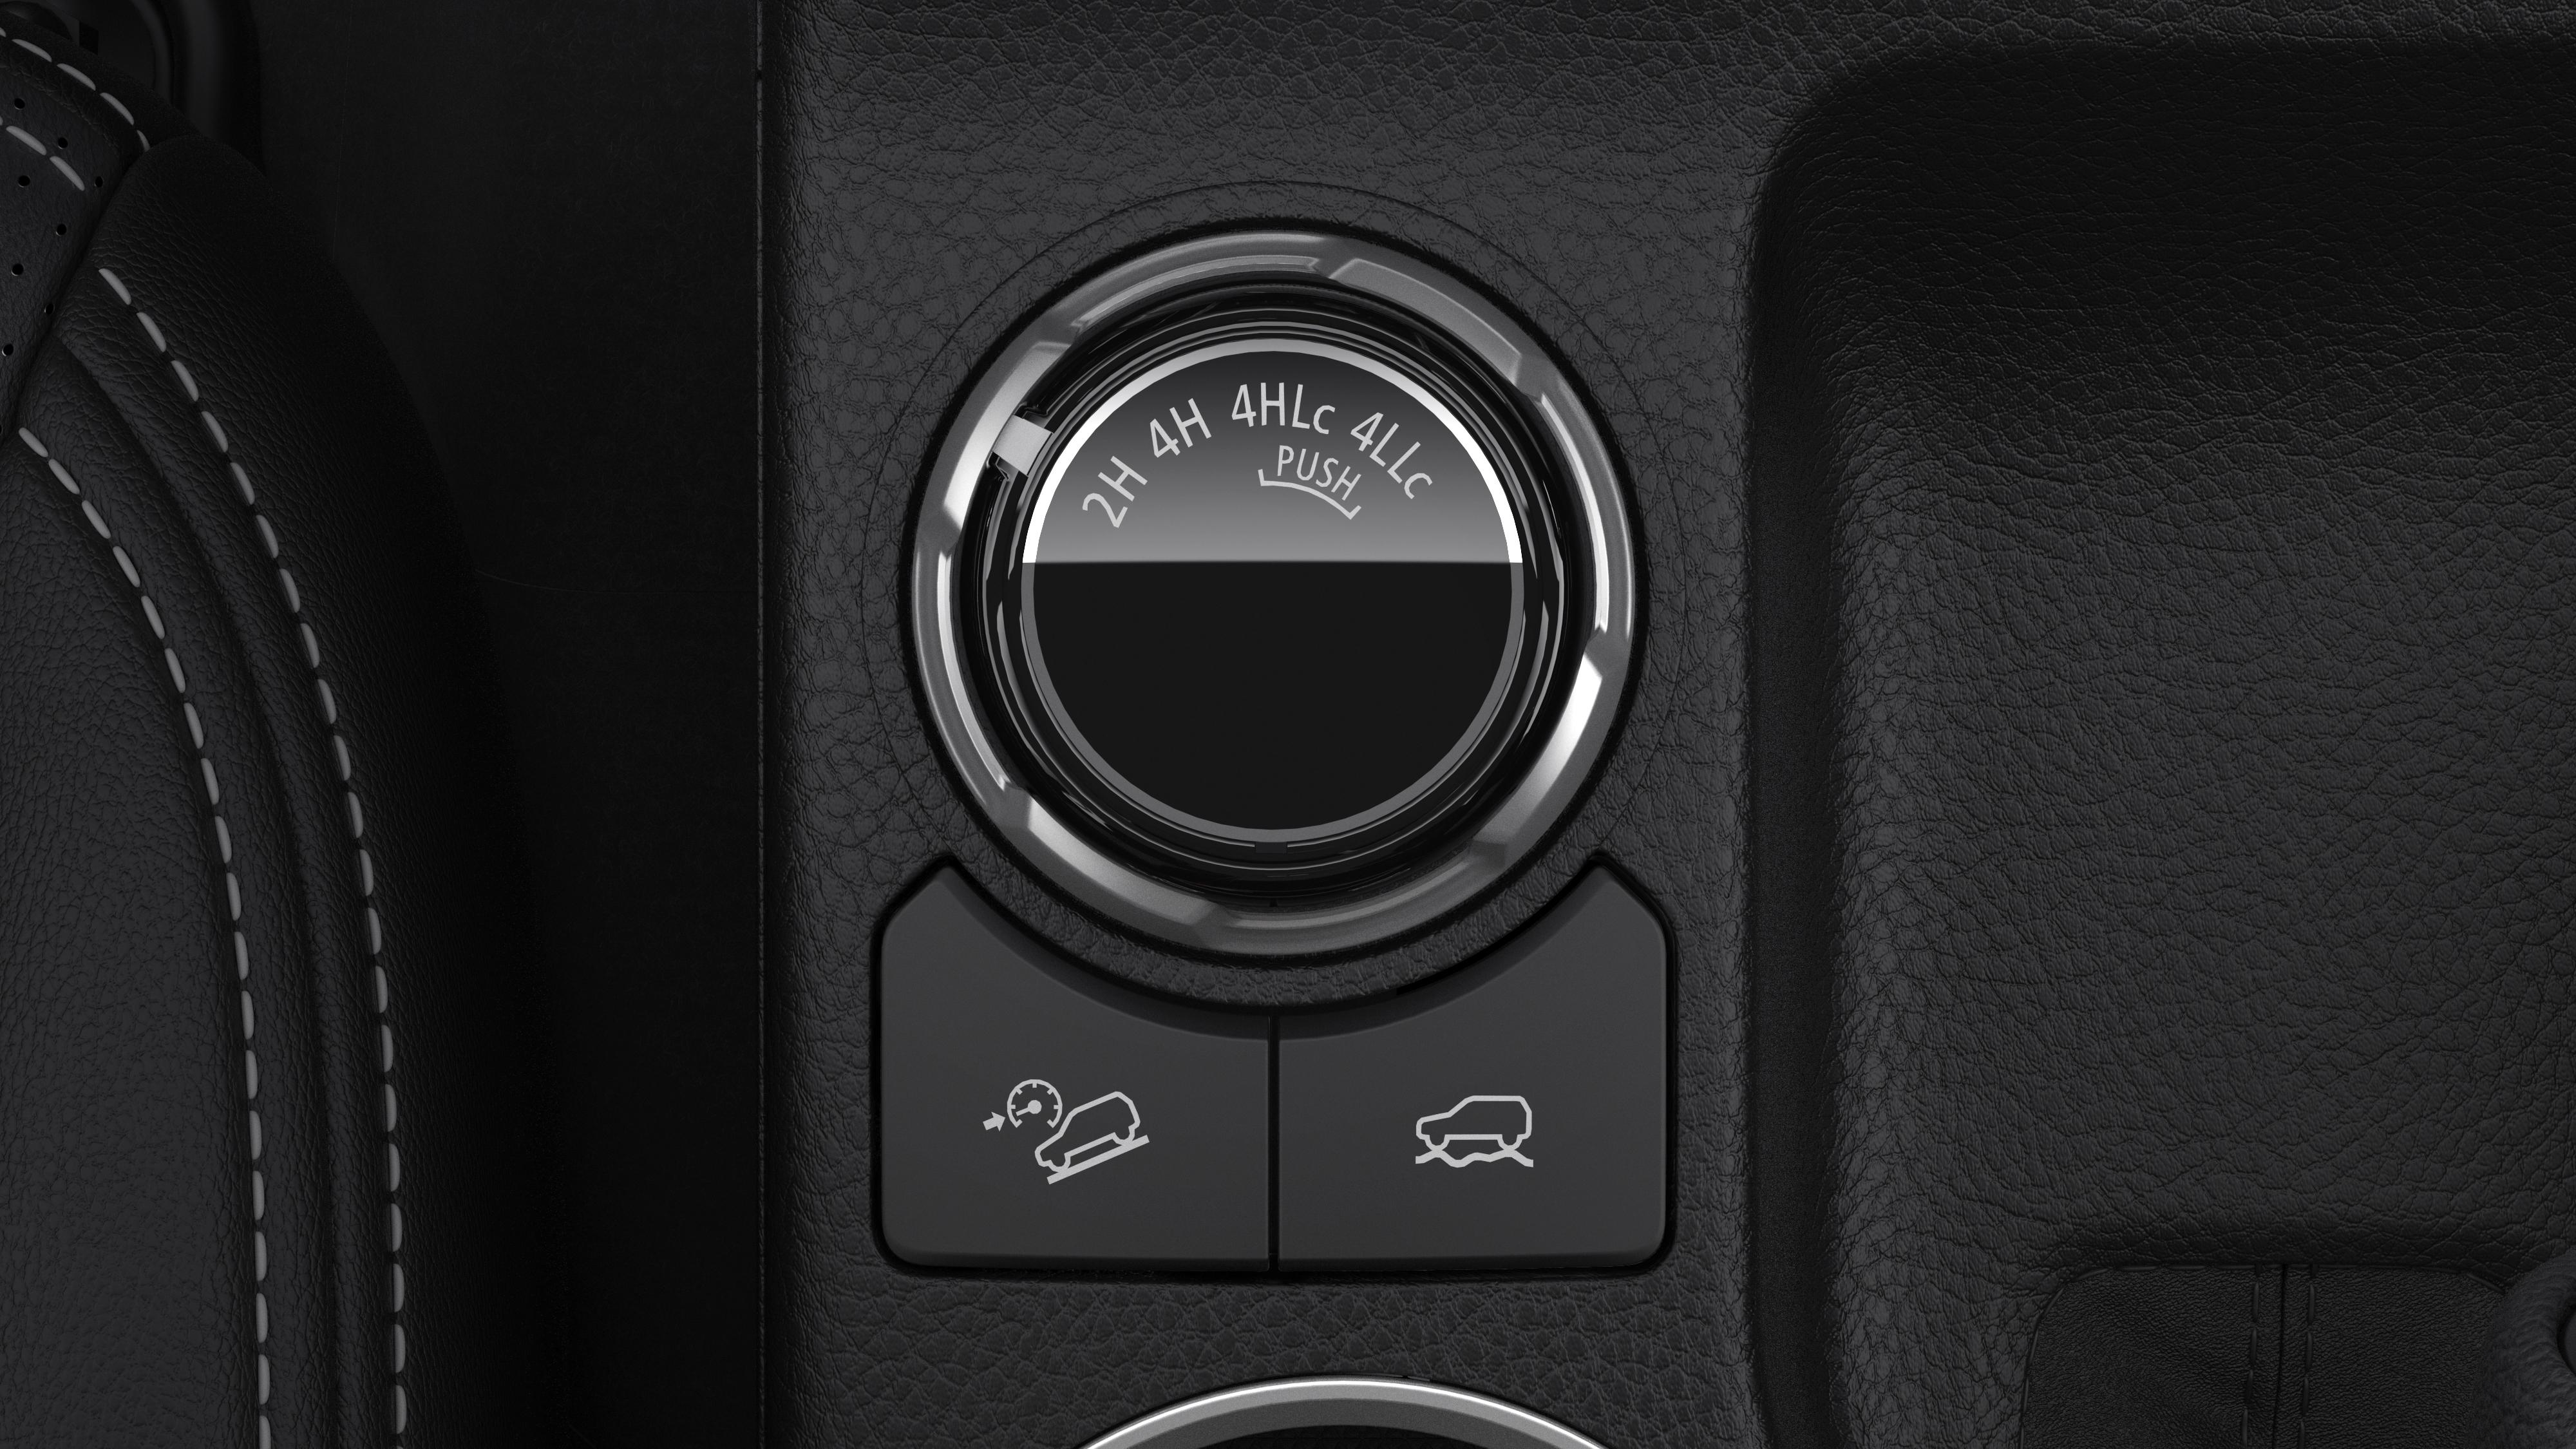 2019 Mitsubishi Triton upgrade revealed | CarAdvice